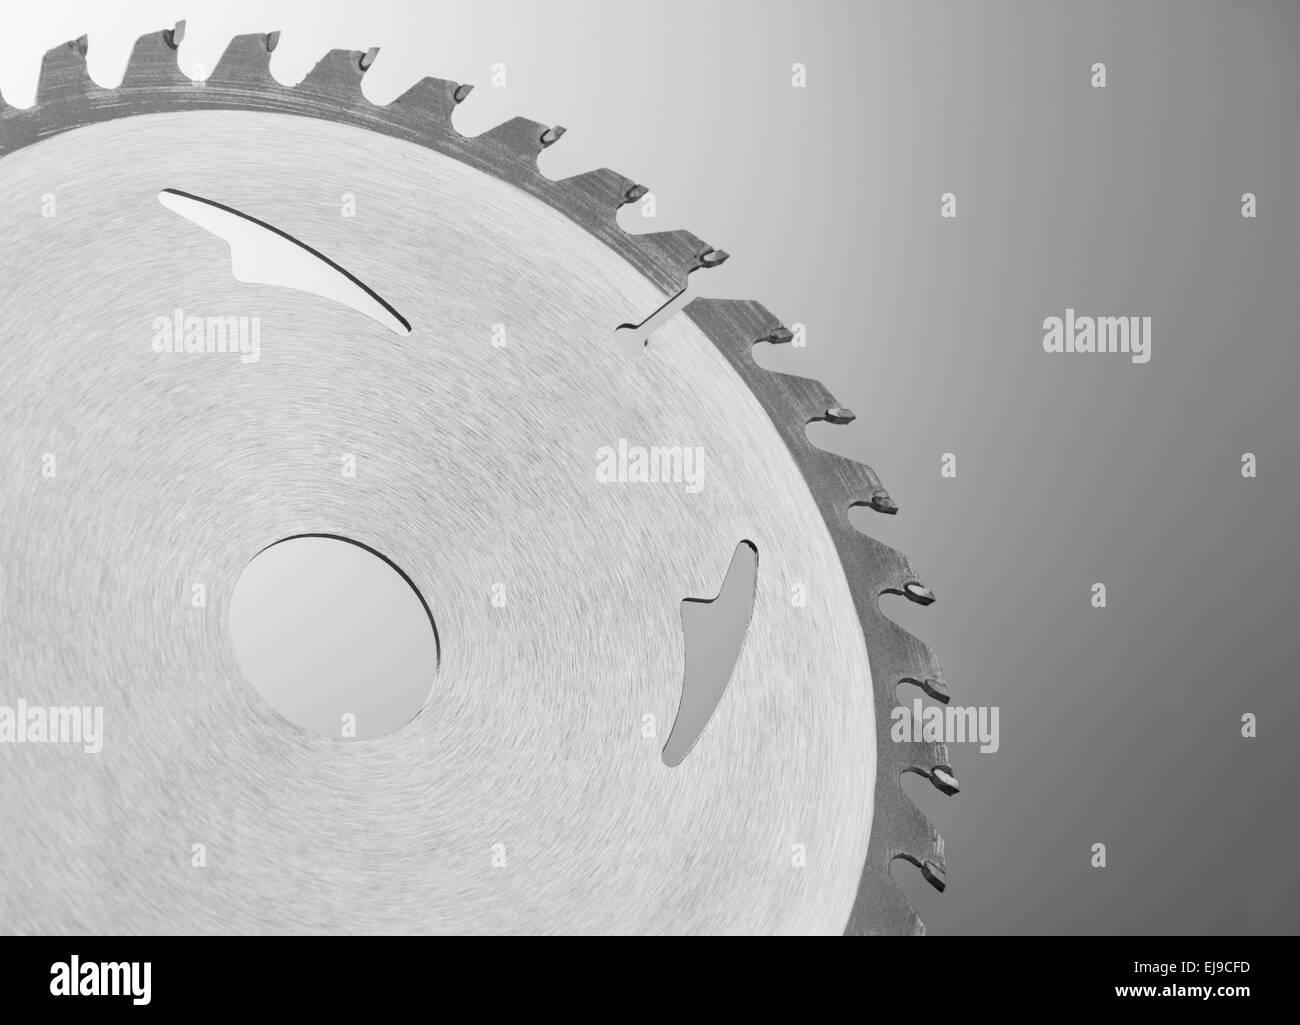 Close up of a circular saw blade - Stock Image